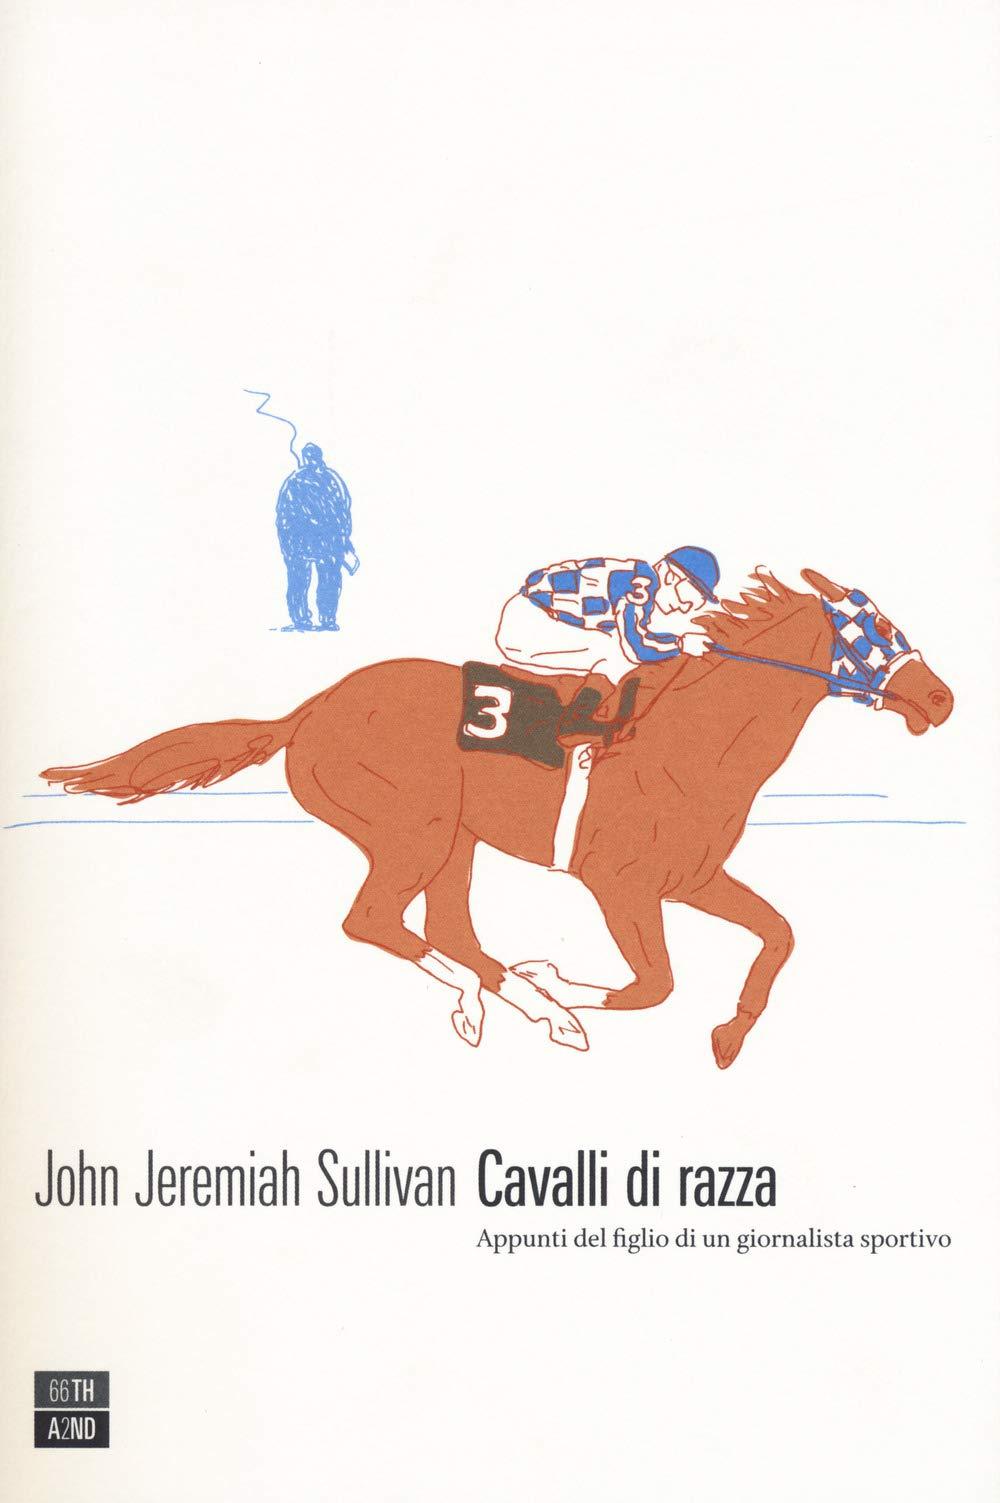 Cavalli di razza. Appunti del figlio di un giornalista sportivo Copertina flessibile – 6 set 2018 John Jeremiah Sullivan G. Tonoli 66th and 2nd 8832970430